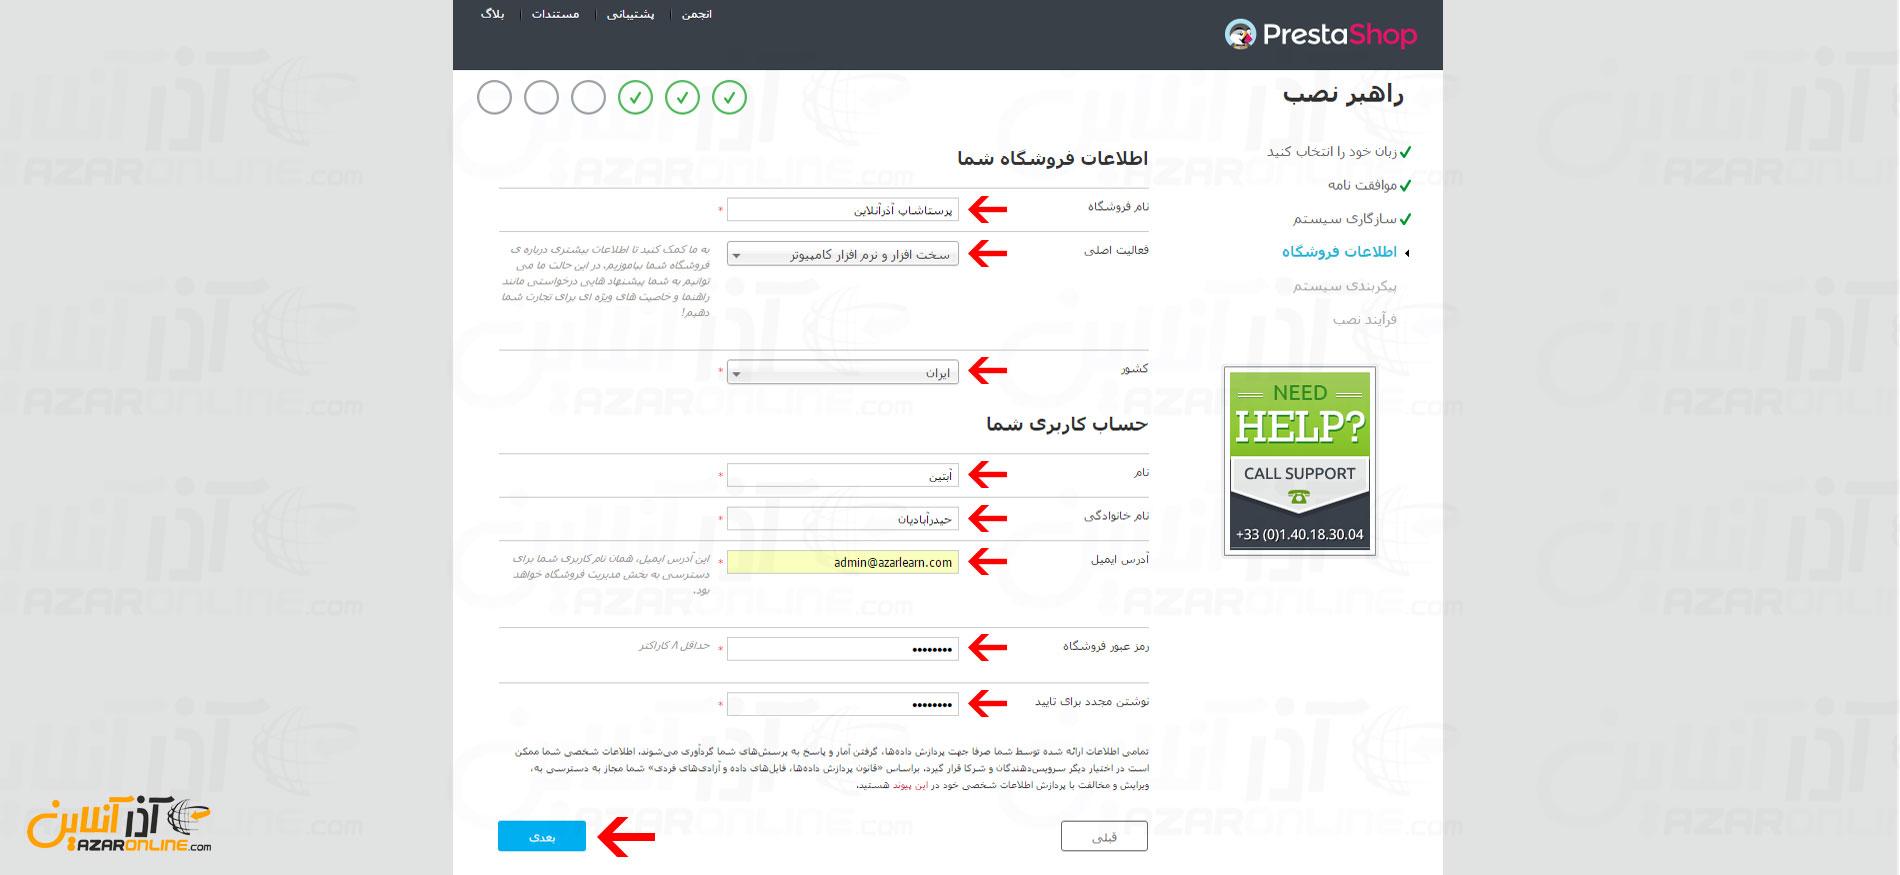 وارد کردن اطلاعات فروشگاه - آموزش نصب پرستاشاپ